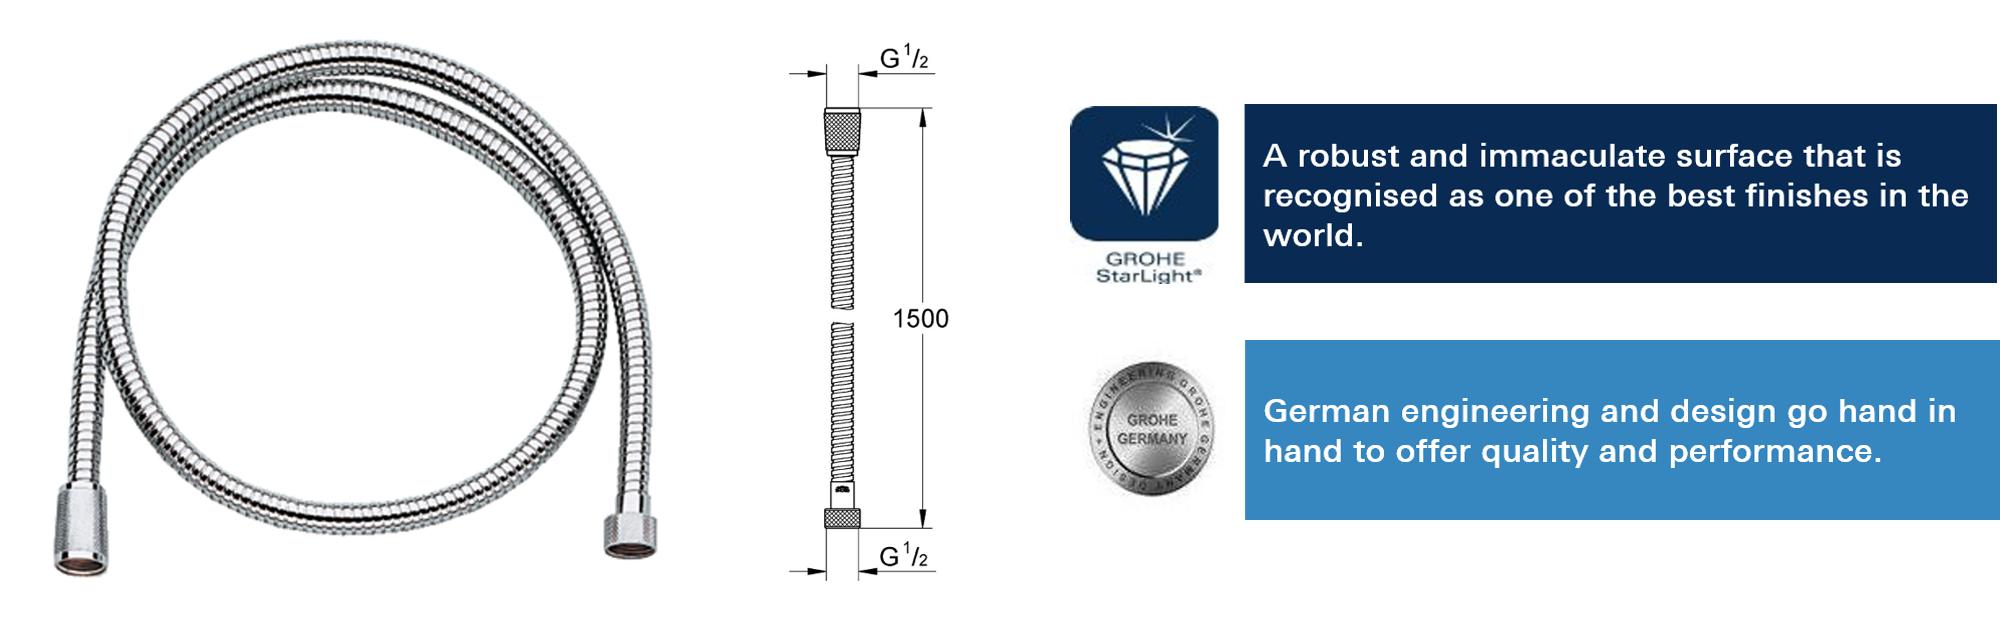 GROHE 28143000 | Ondus Metal Hose | 1500 mm: Amazon.co.uk: DIY & Tools